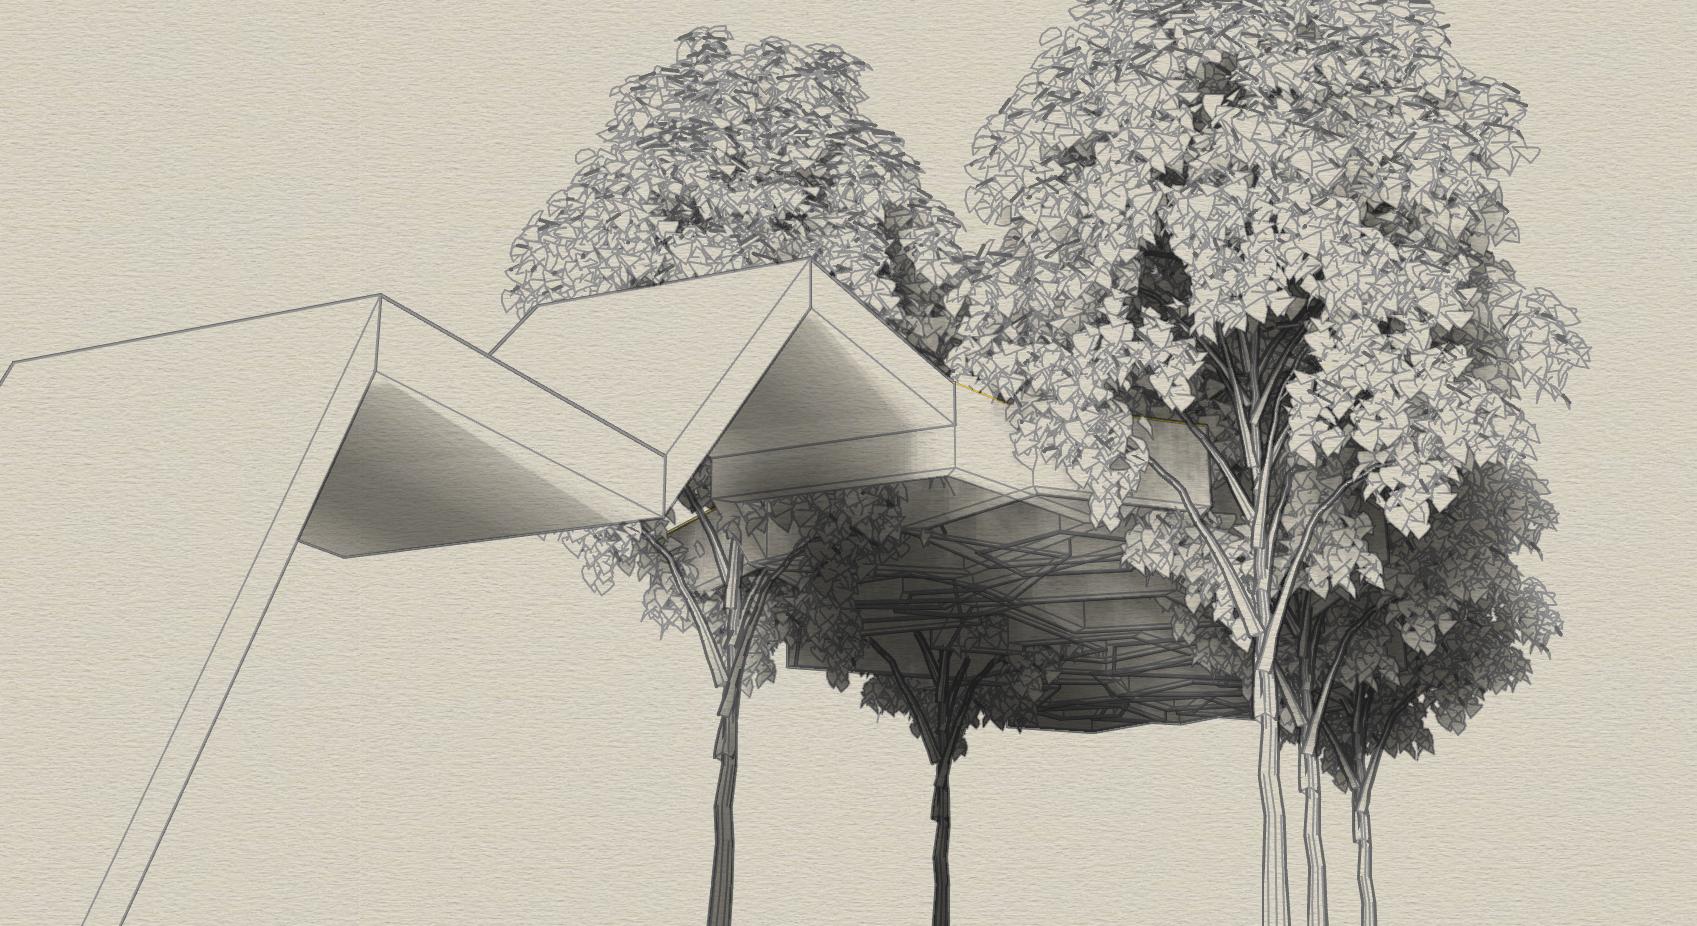 39 arquitectura efimera 39 por adriana rangel worktrait for Pabellones arquitectura efimera